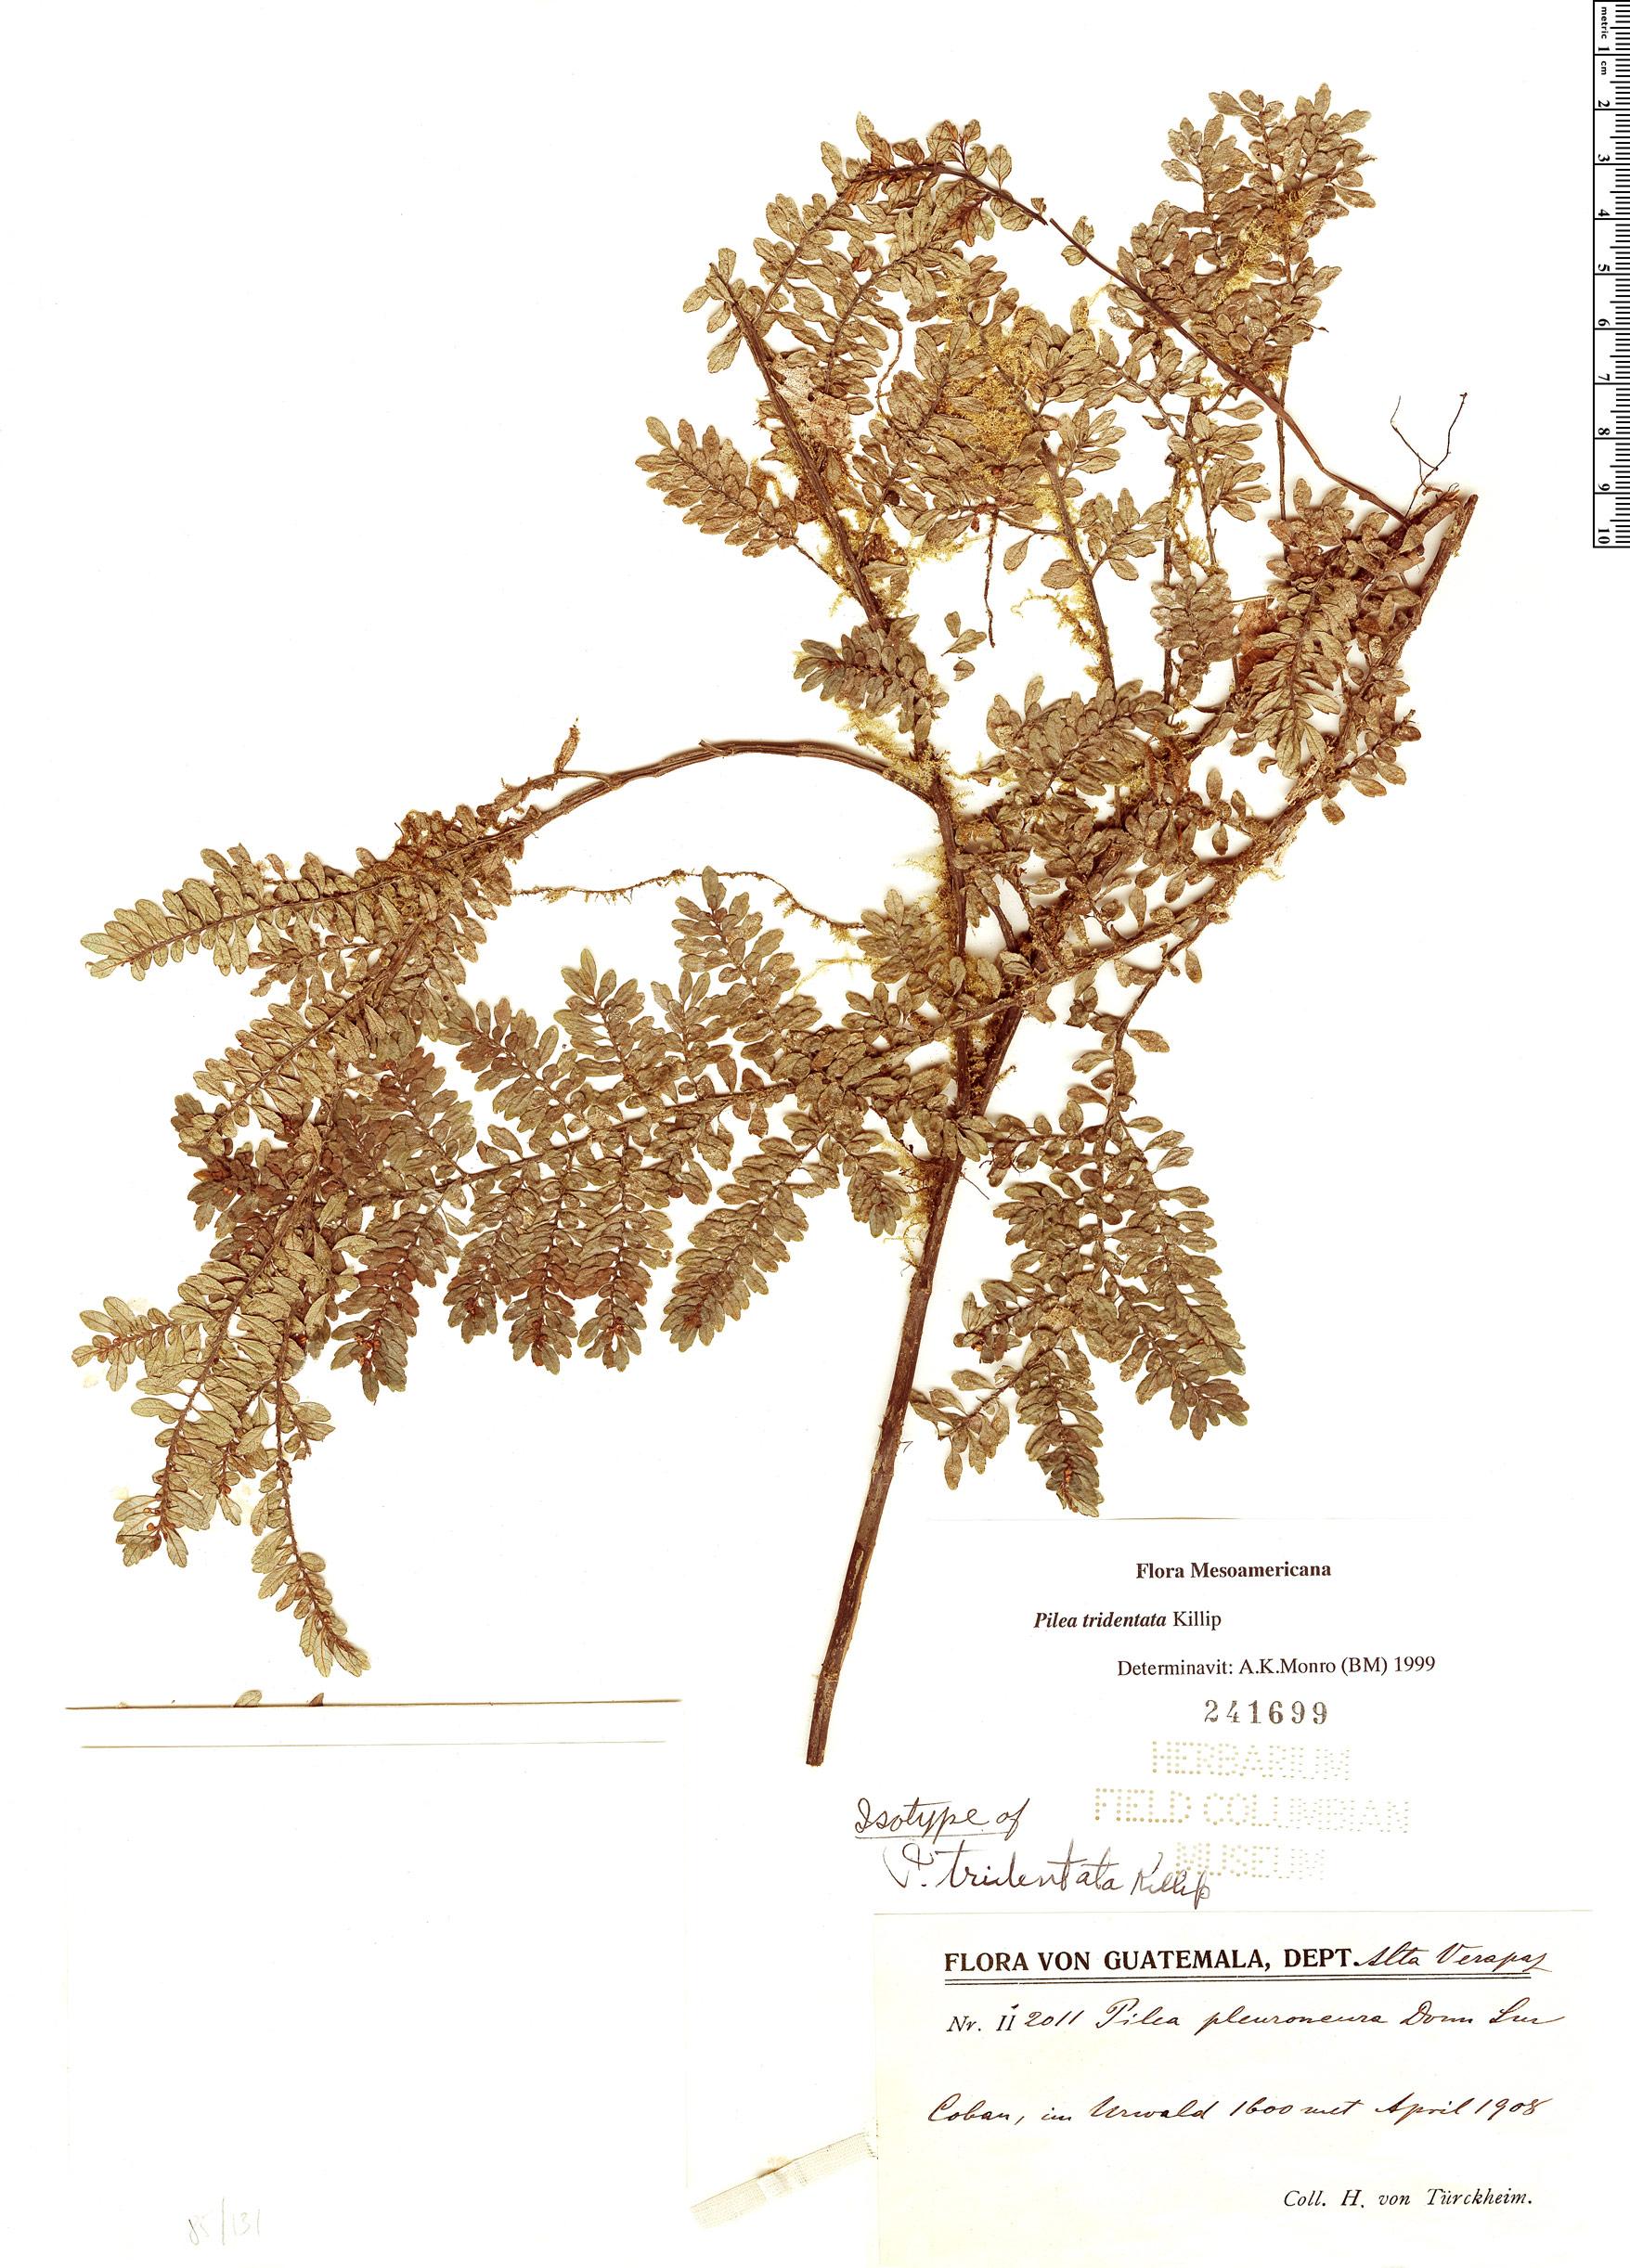 Specimen: Pilea tridentata